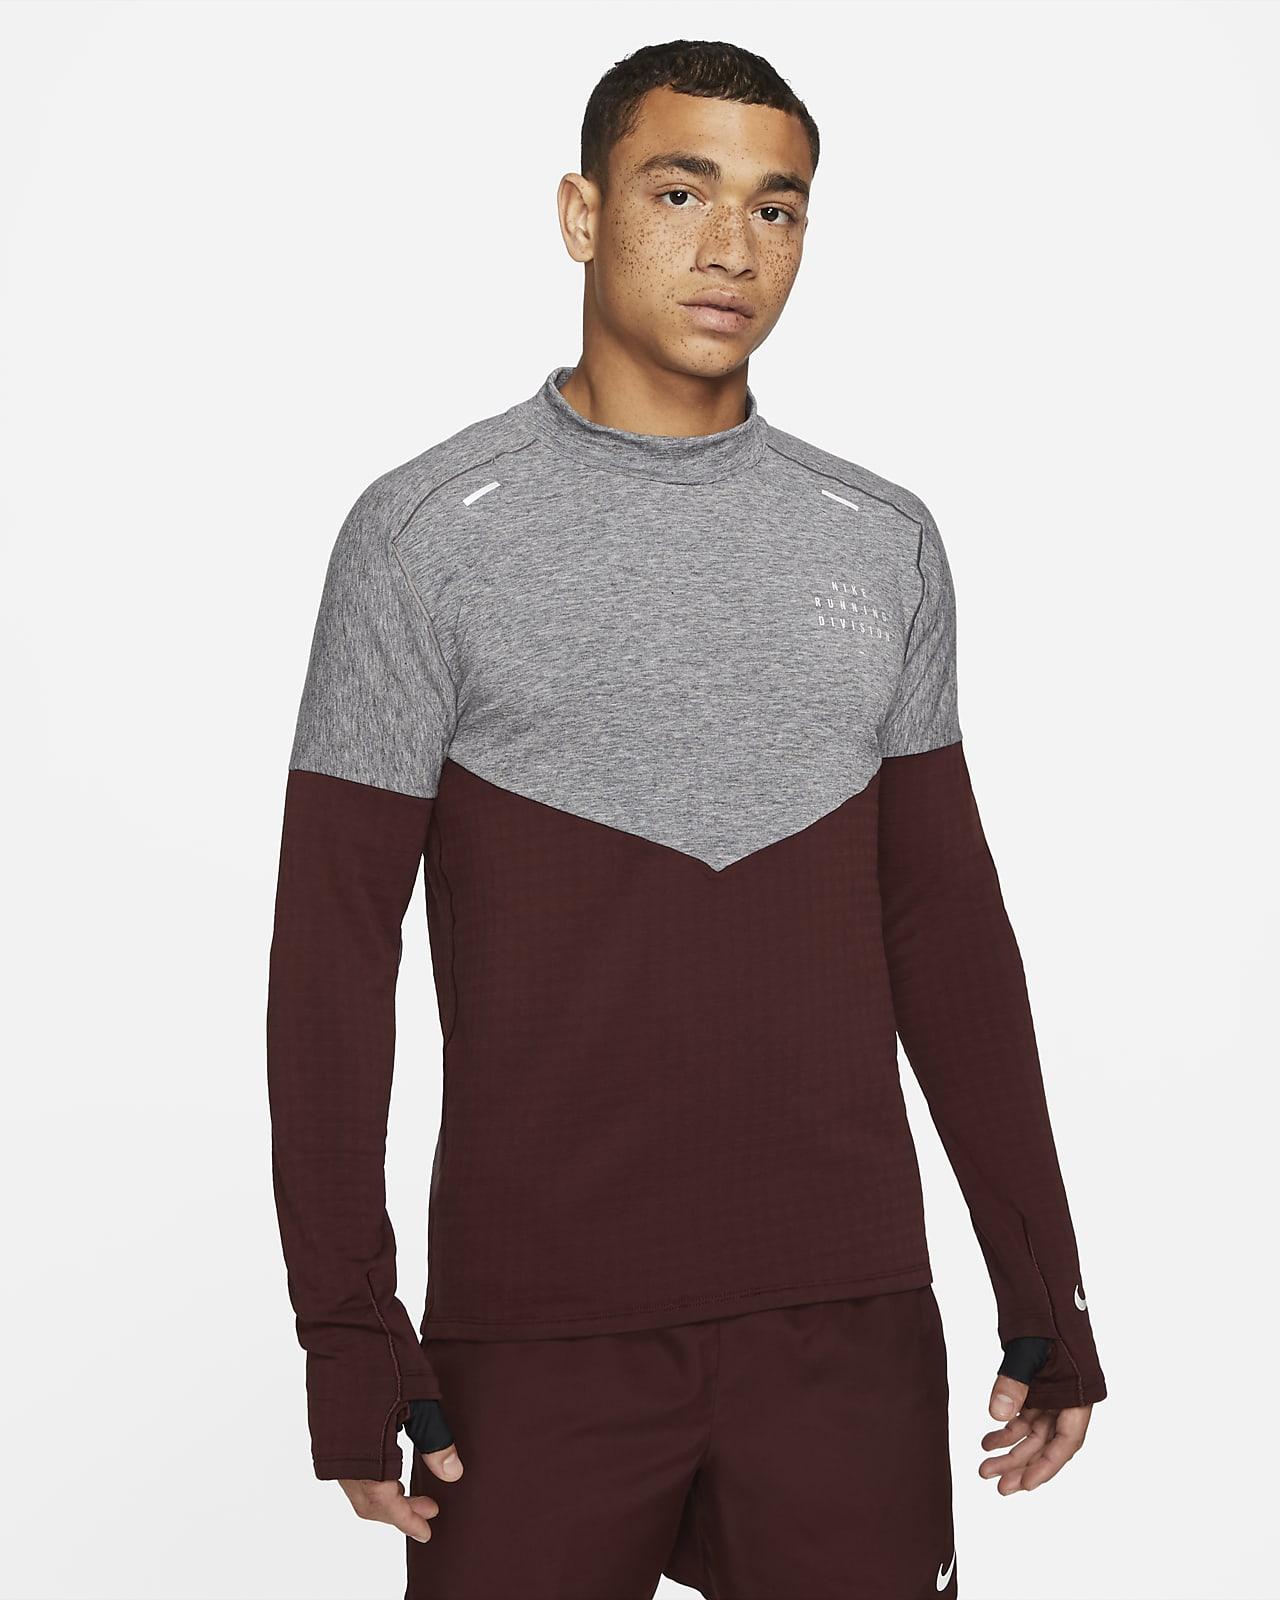 Мужская беговая футболка из шерсти Nike Sphere Run Division